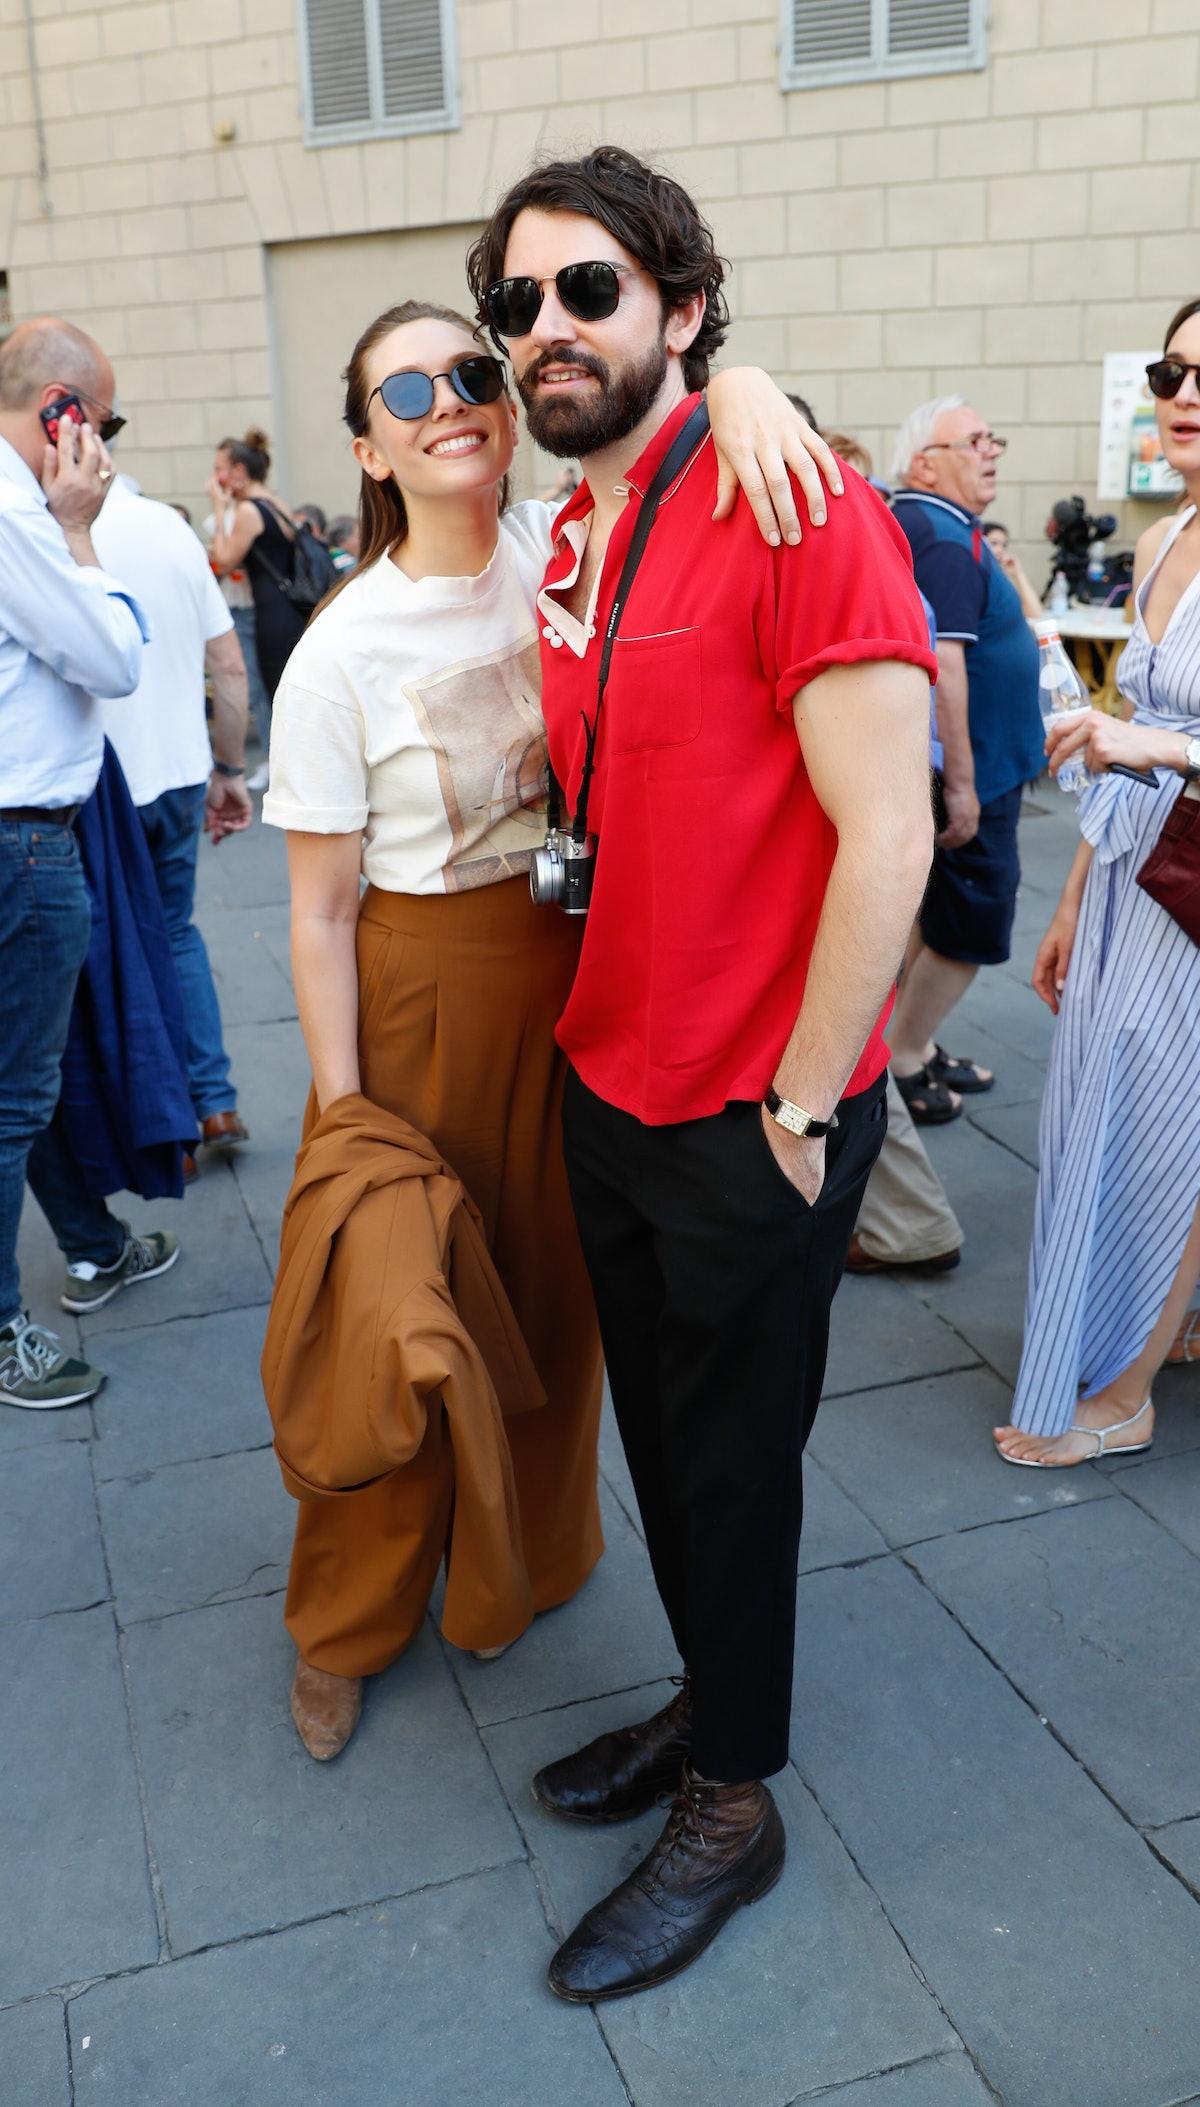 VILLA CETINALE, ITALY - JULY 02: Elizabeth Olsen and Robbie Arnett attend Rosetta Getty's  third ann...